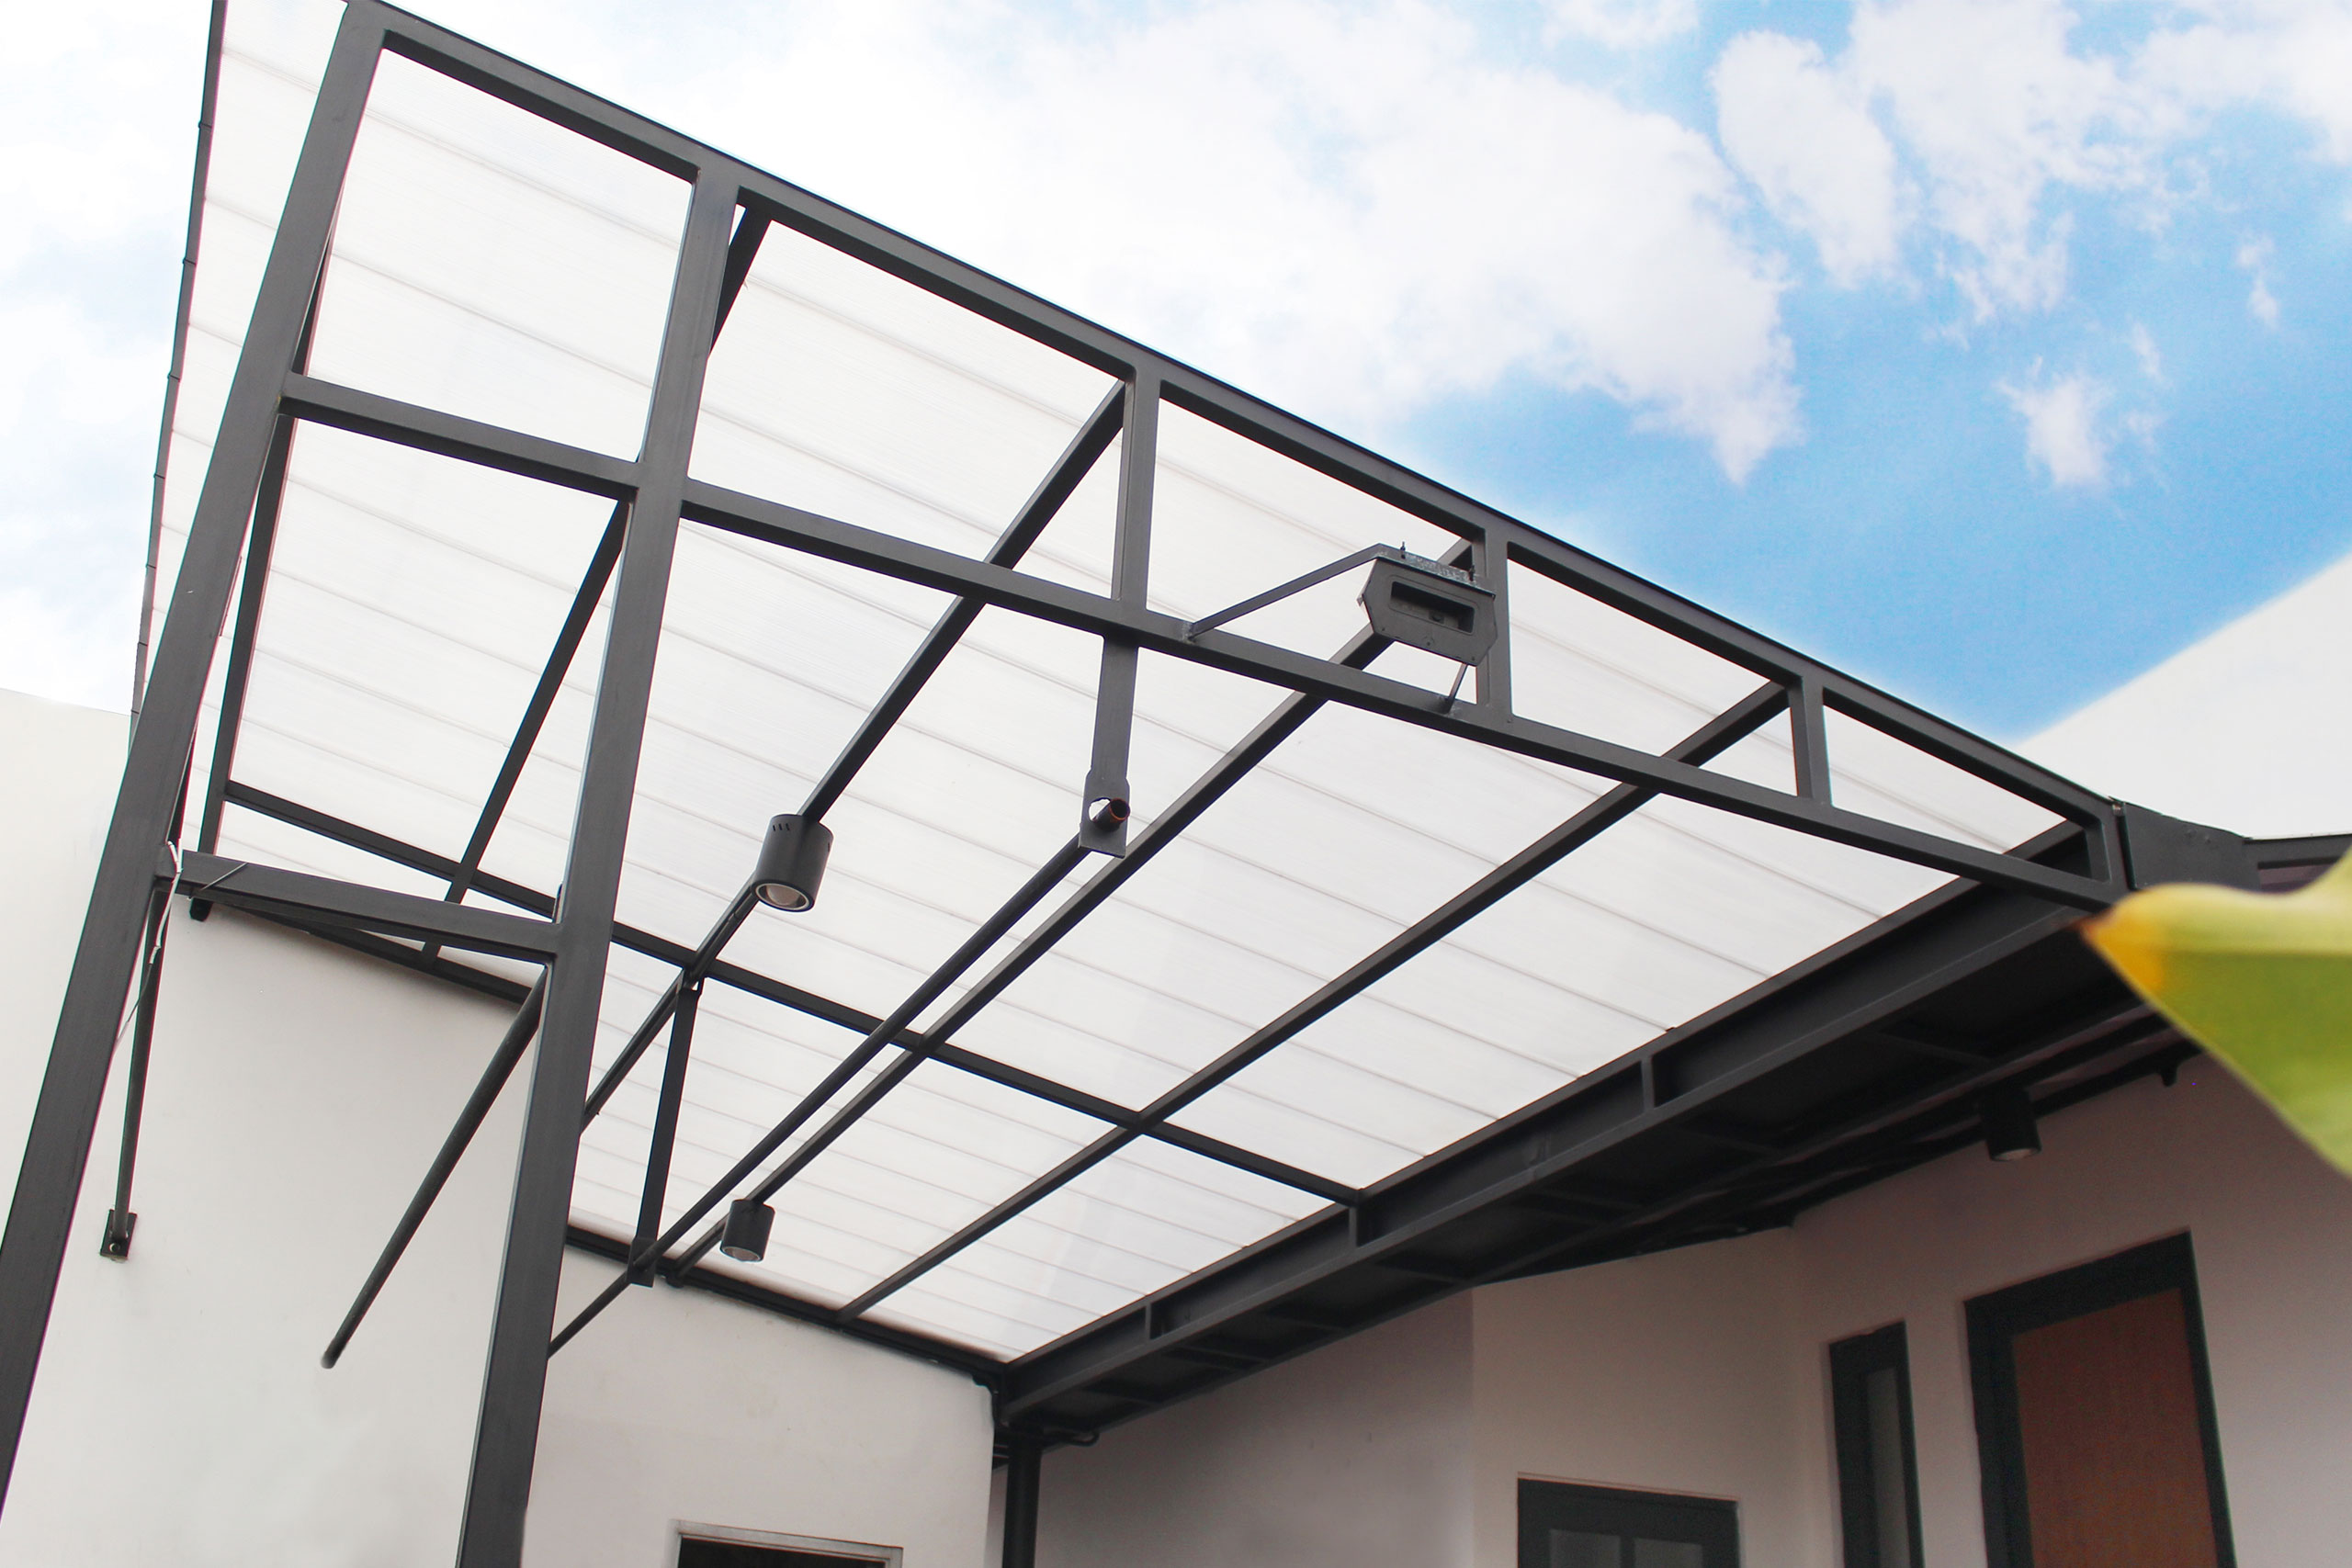 ezlock atap kanopi minimalis pasangnya praktis atap jemuran tyas mirasih